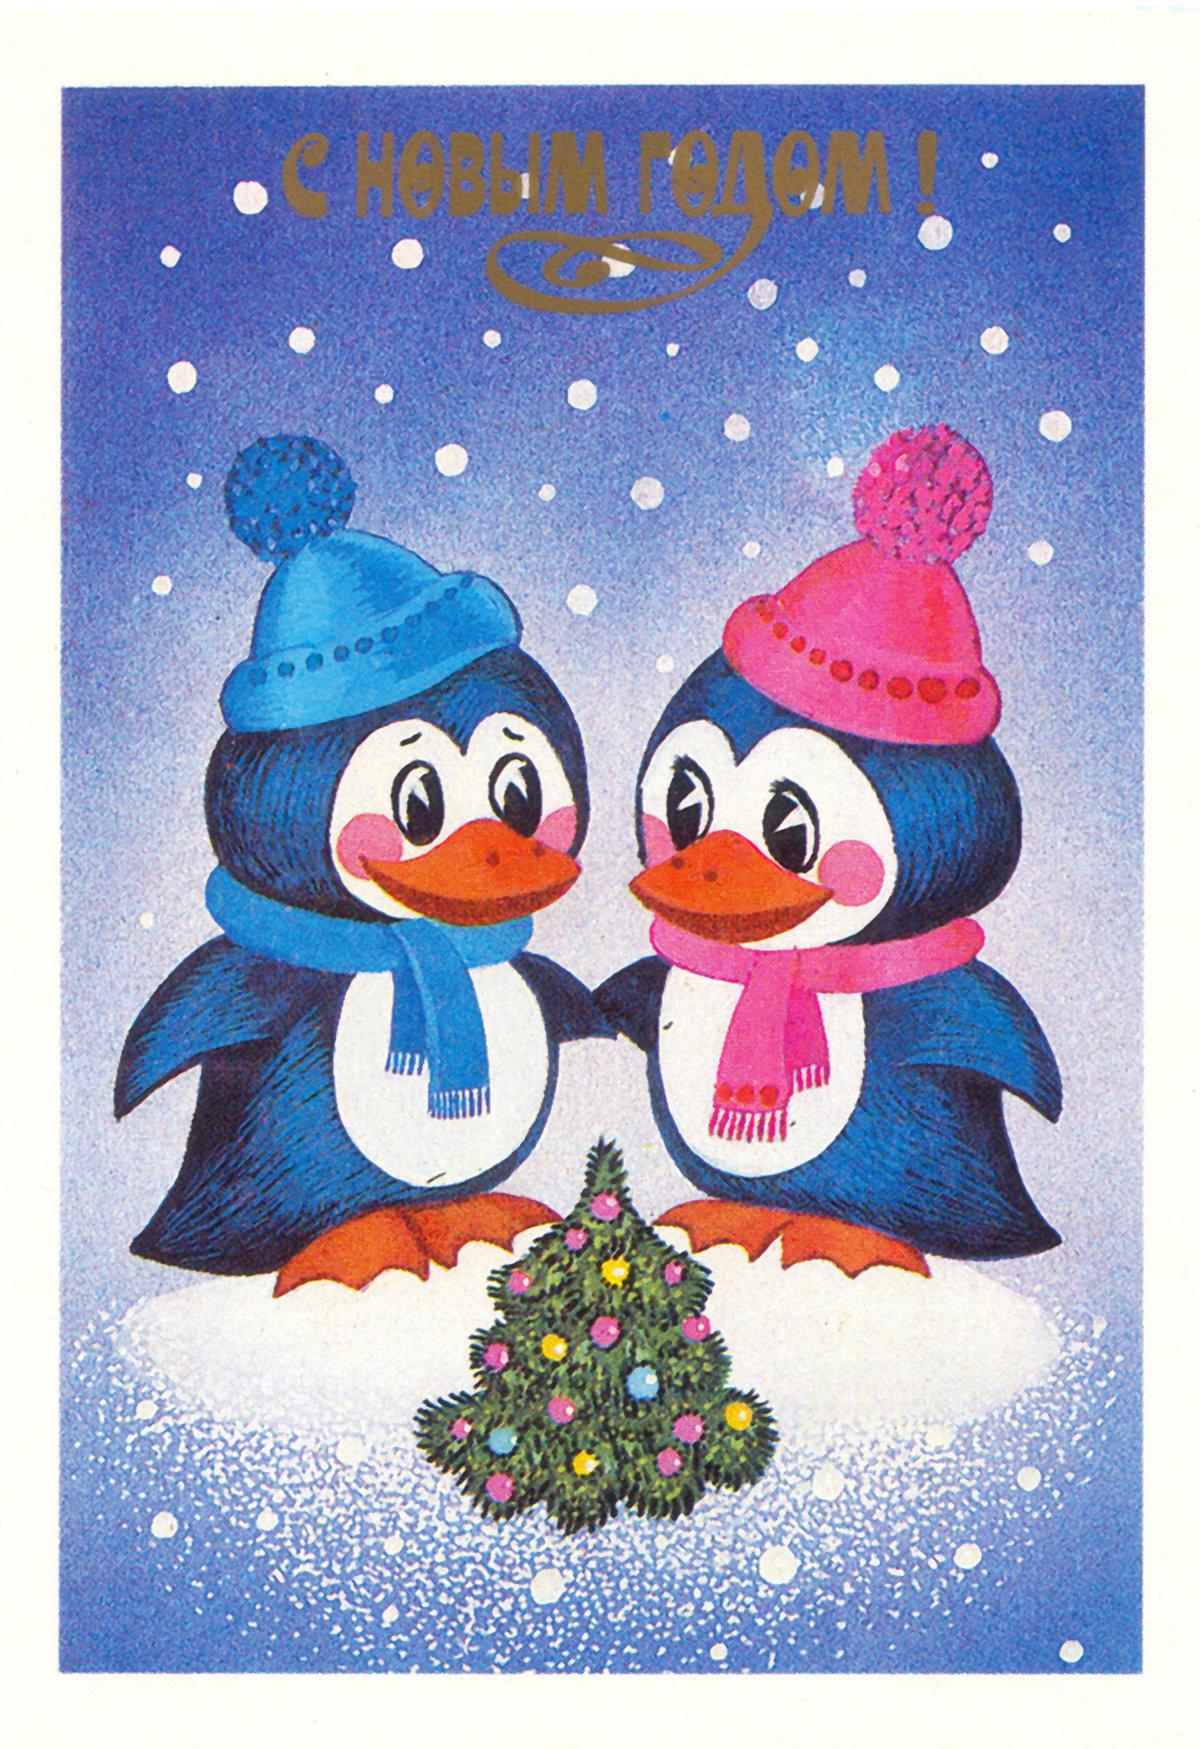 Открытка днем, изображения открыток новый год